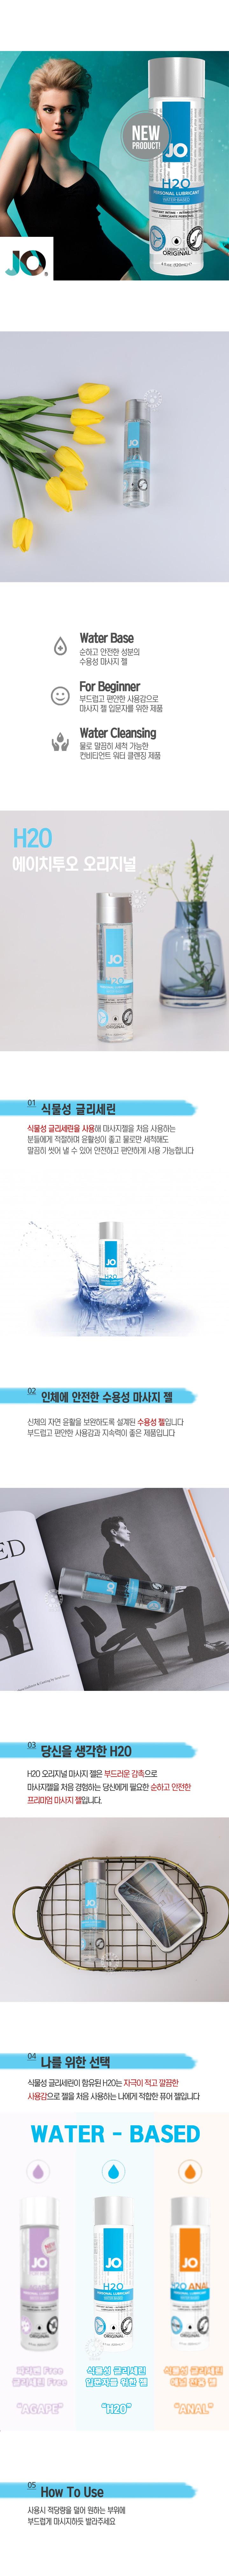 H2O1_shop1_113545_113021.jpg